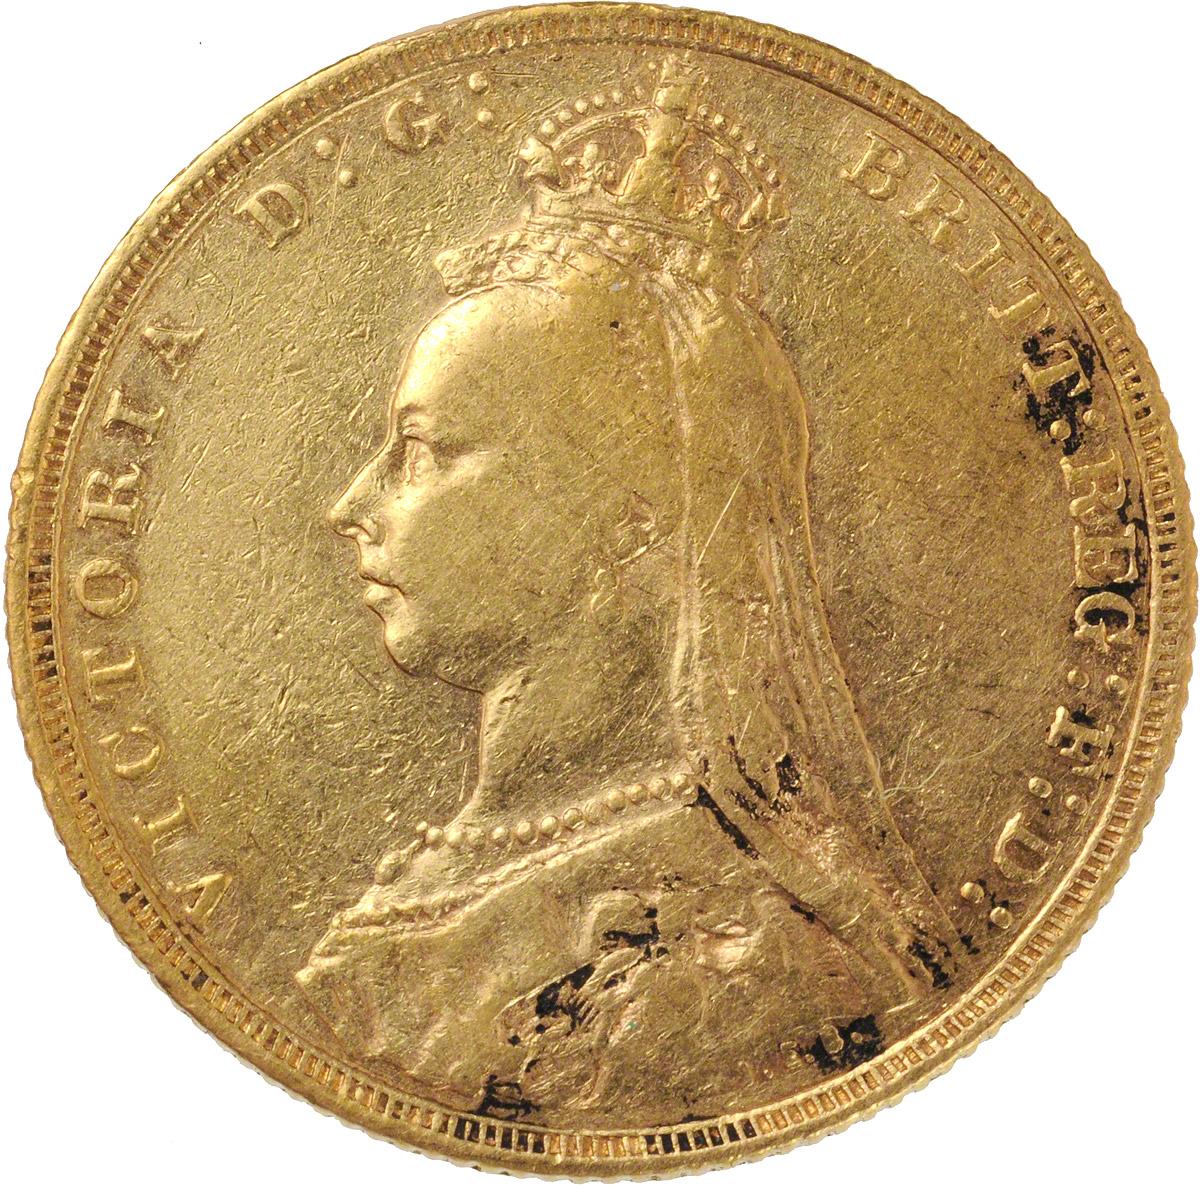 1892 Βικτώρια (Νομισματοκοπείο Λονδίνου)